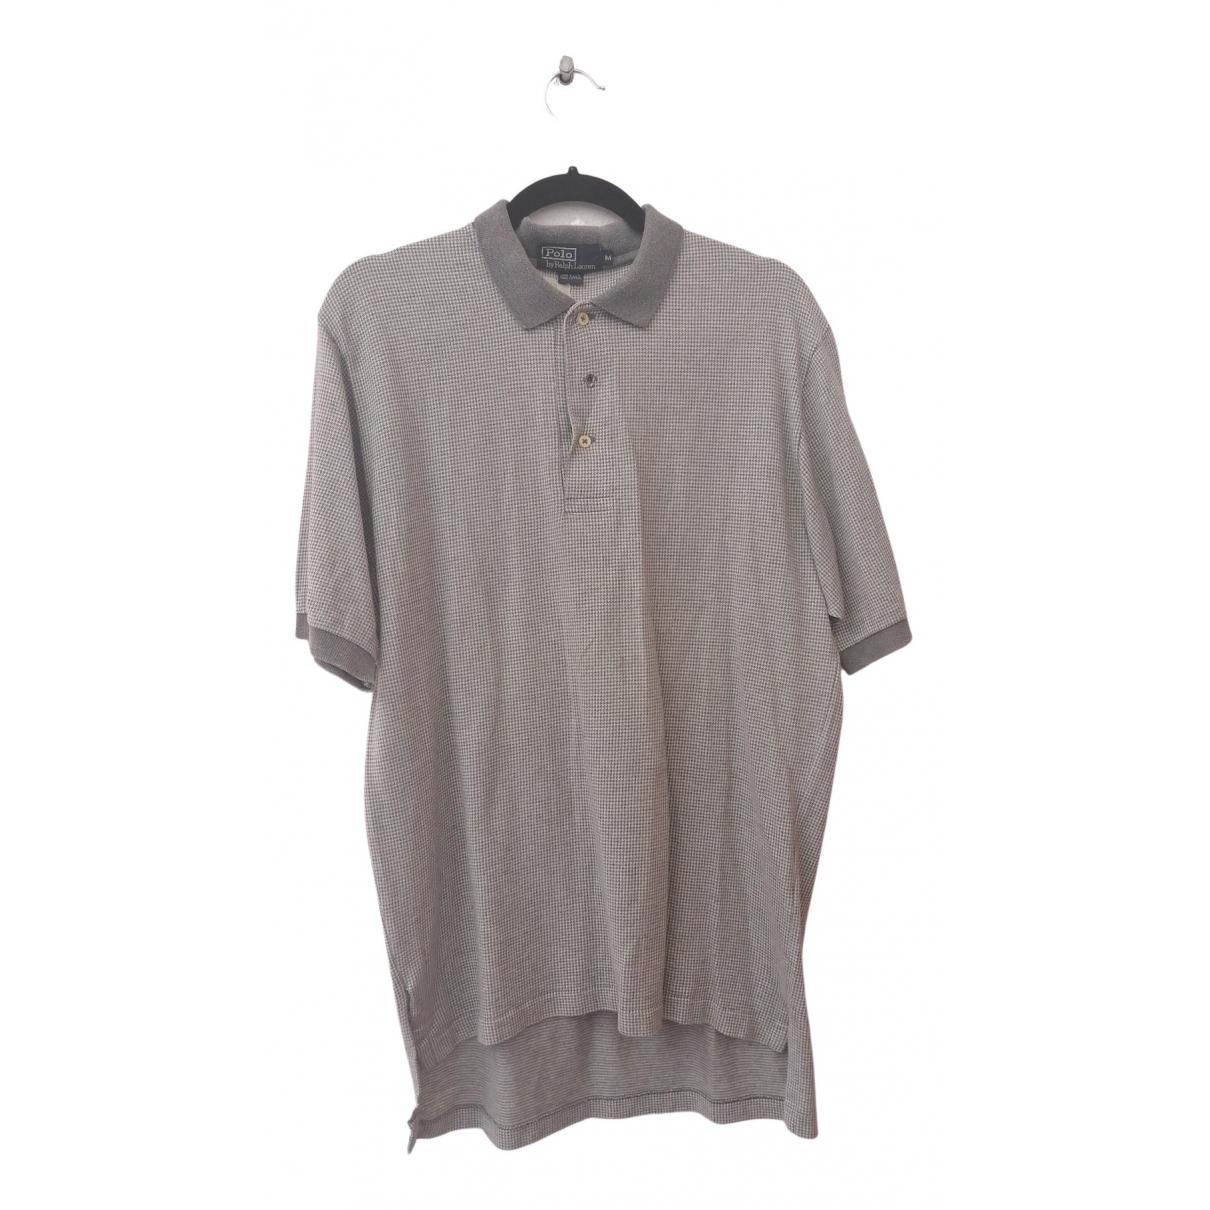 Polo Ralph Lauren \N Poloshirts in  Grau Baumwolle